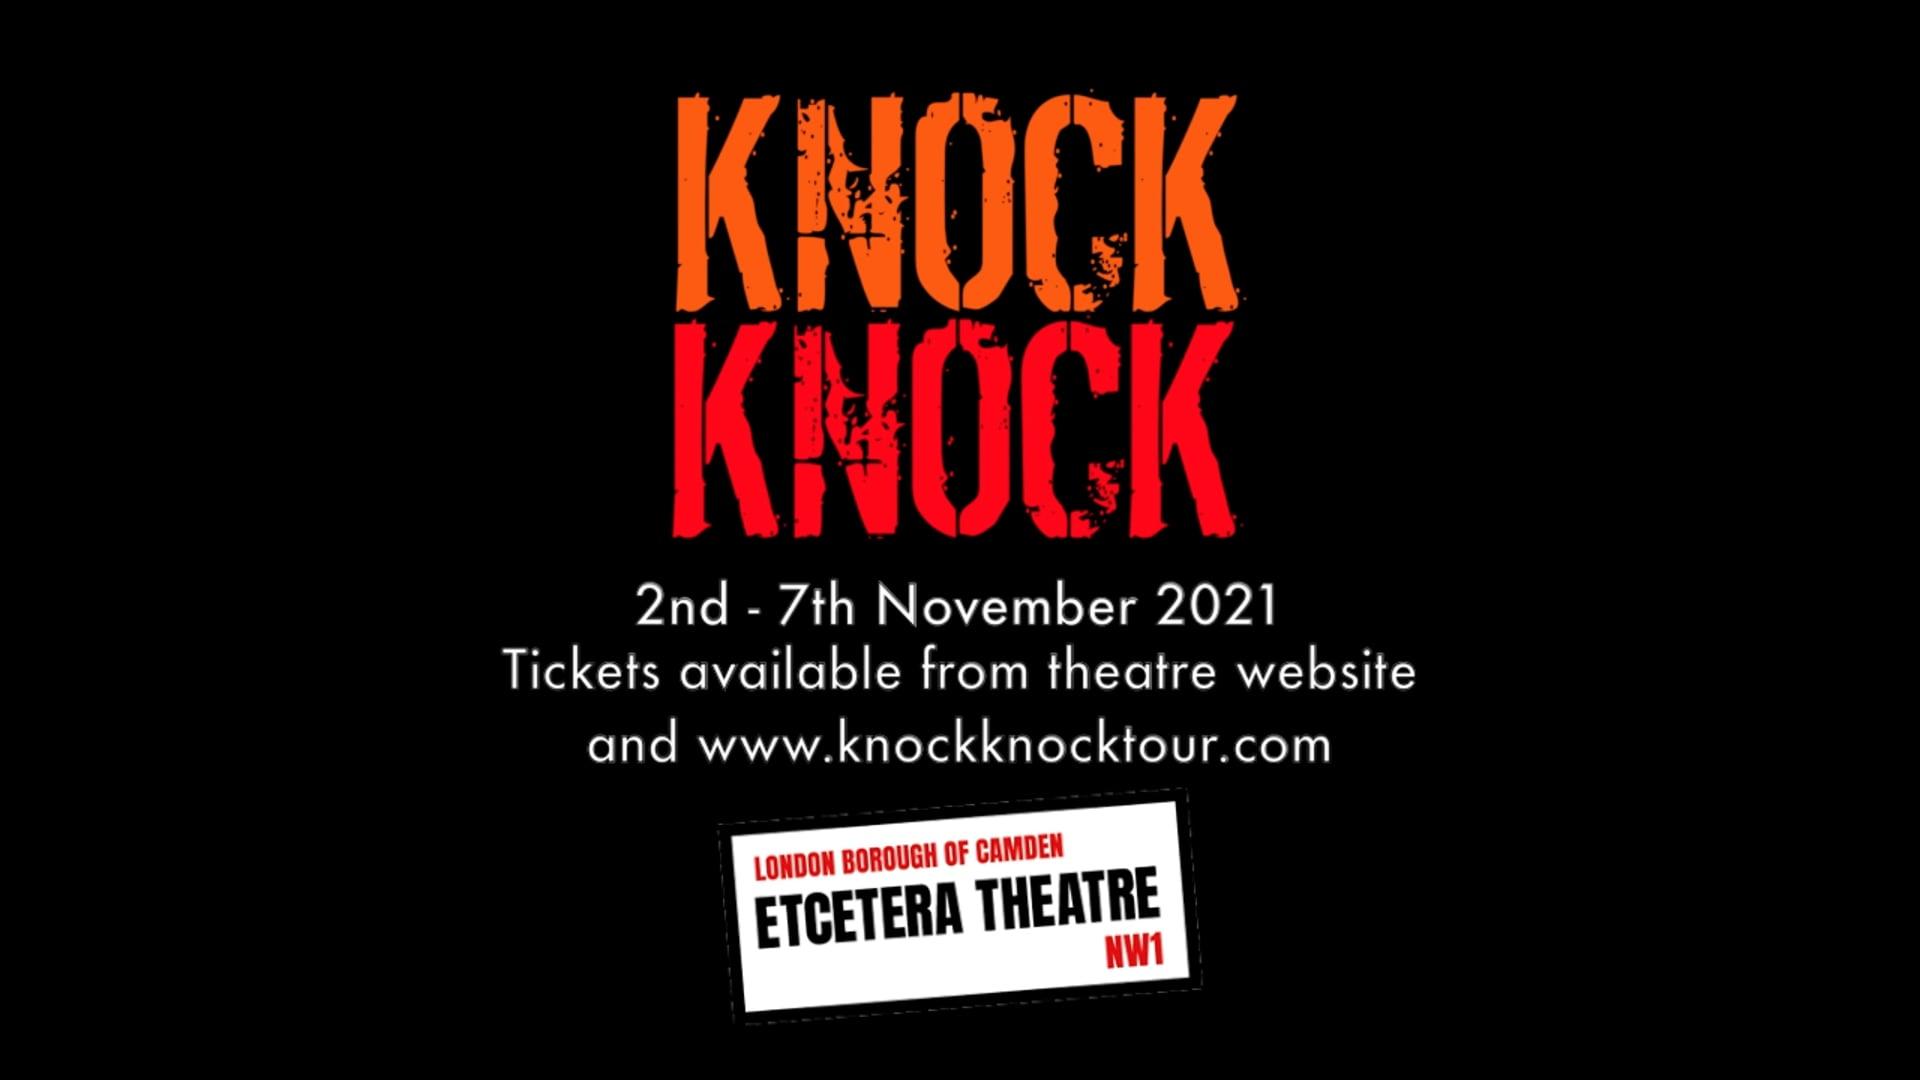 KNOCK KNOCK Trailer promo 2